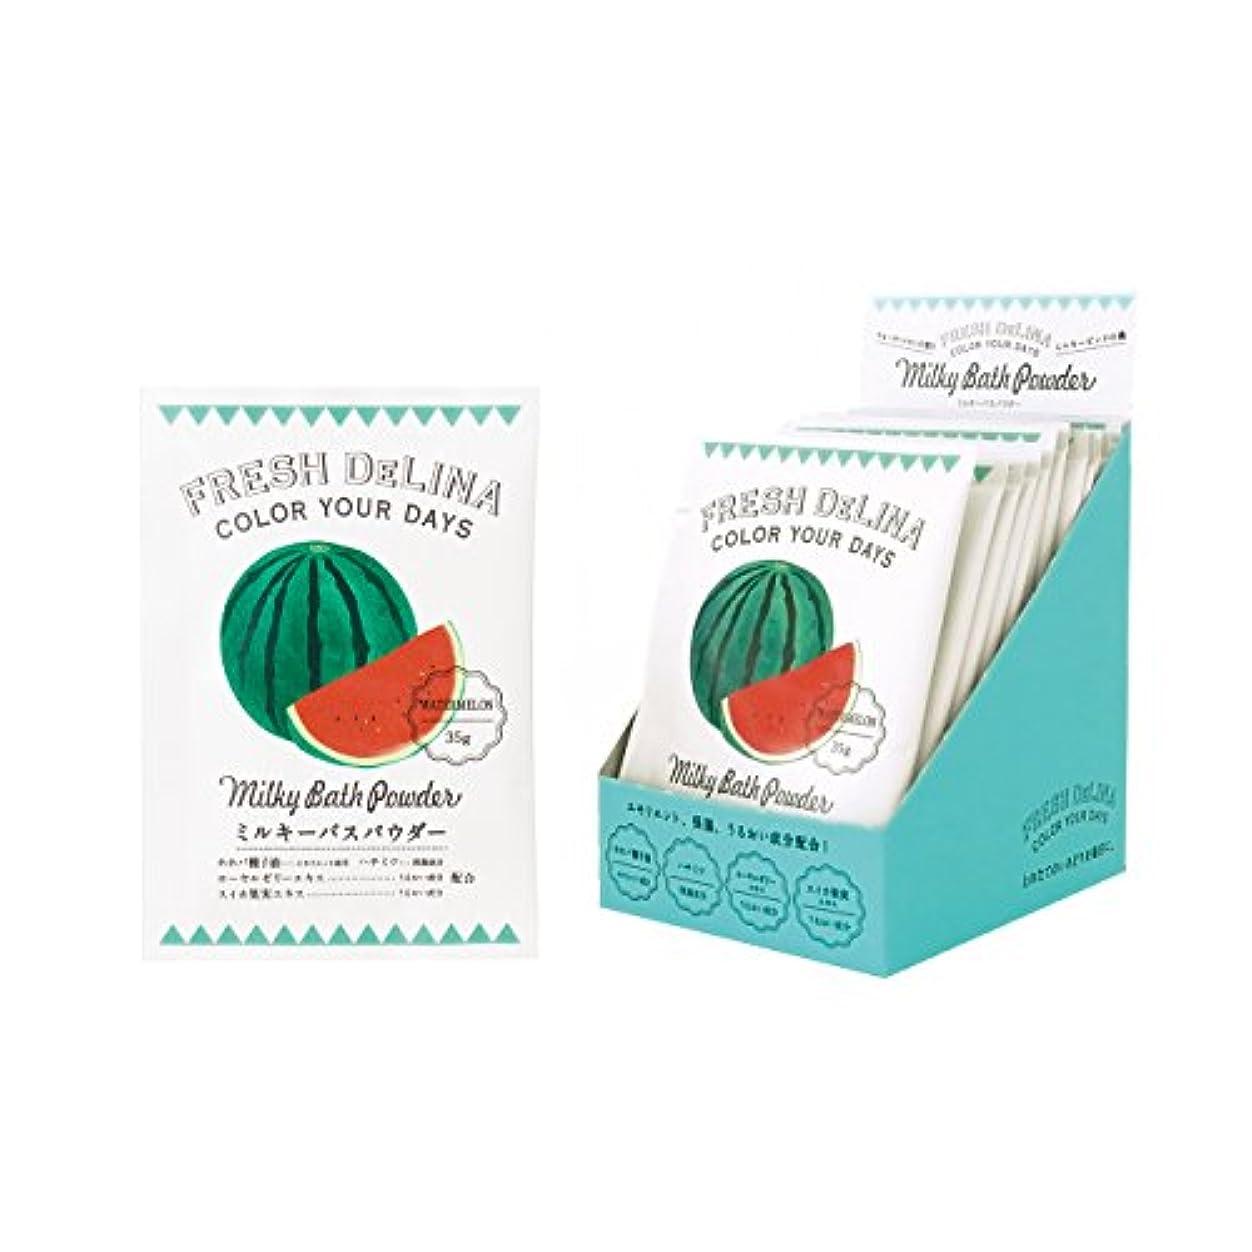 アグネスグレイドライ筋肉のフレッシュデリーナ ミルキーバスパウダー 35g (ウォーターメロン) 12個 (白濁タイプ入浴料 日本製 さわやかなすいかの香り)